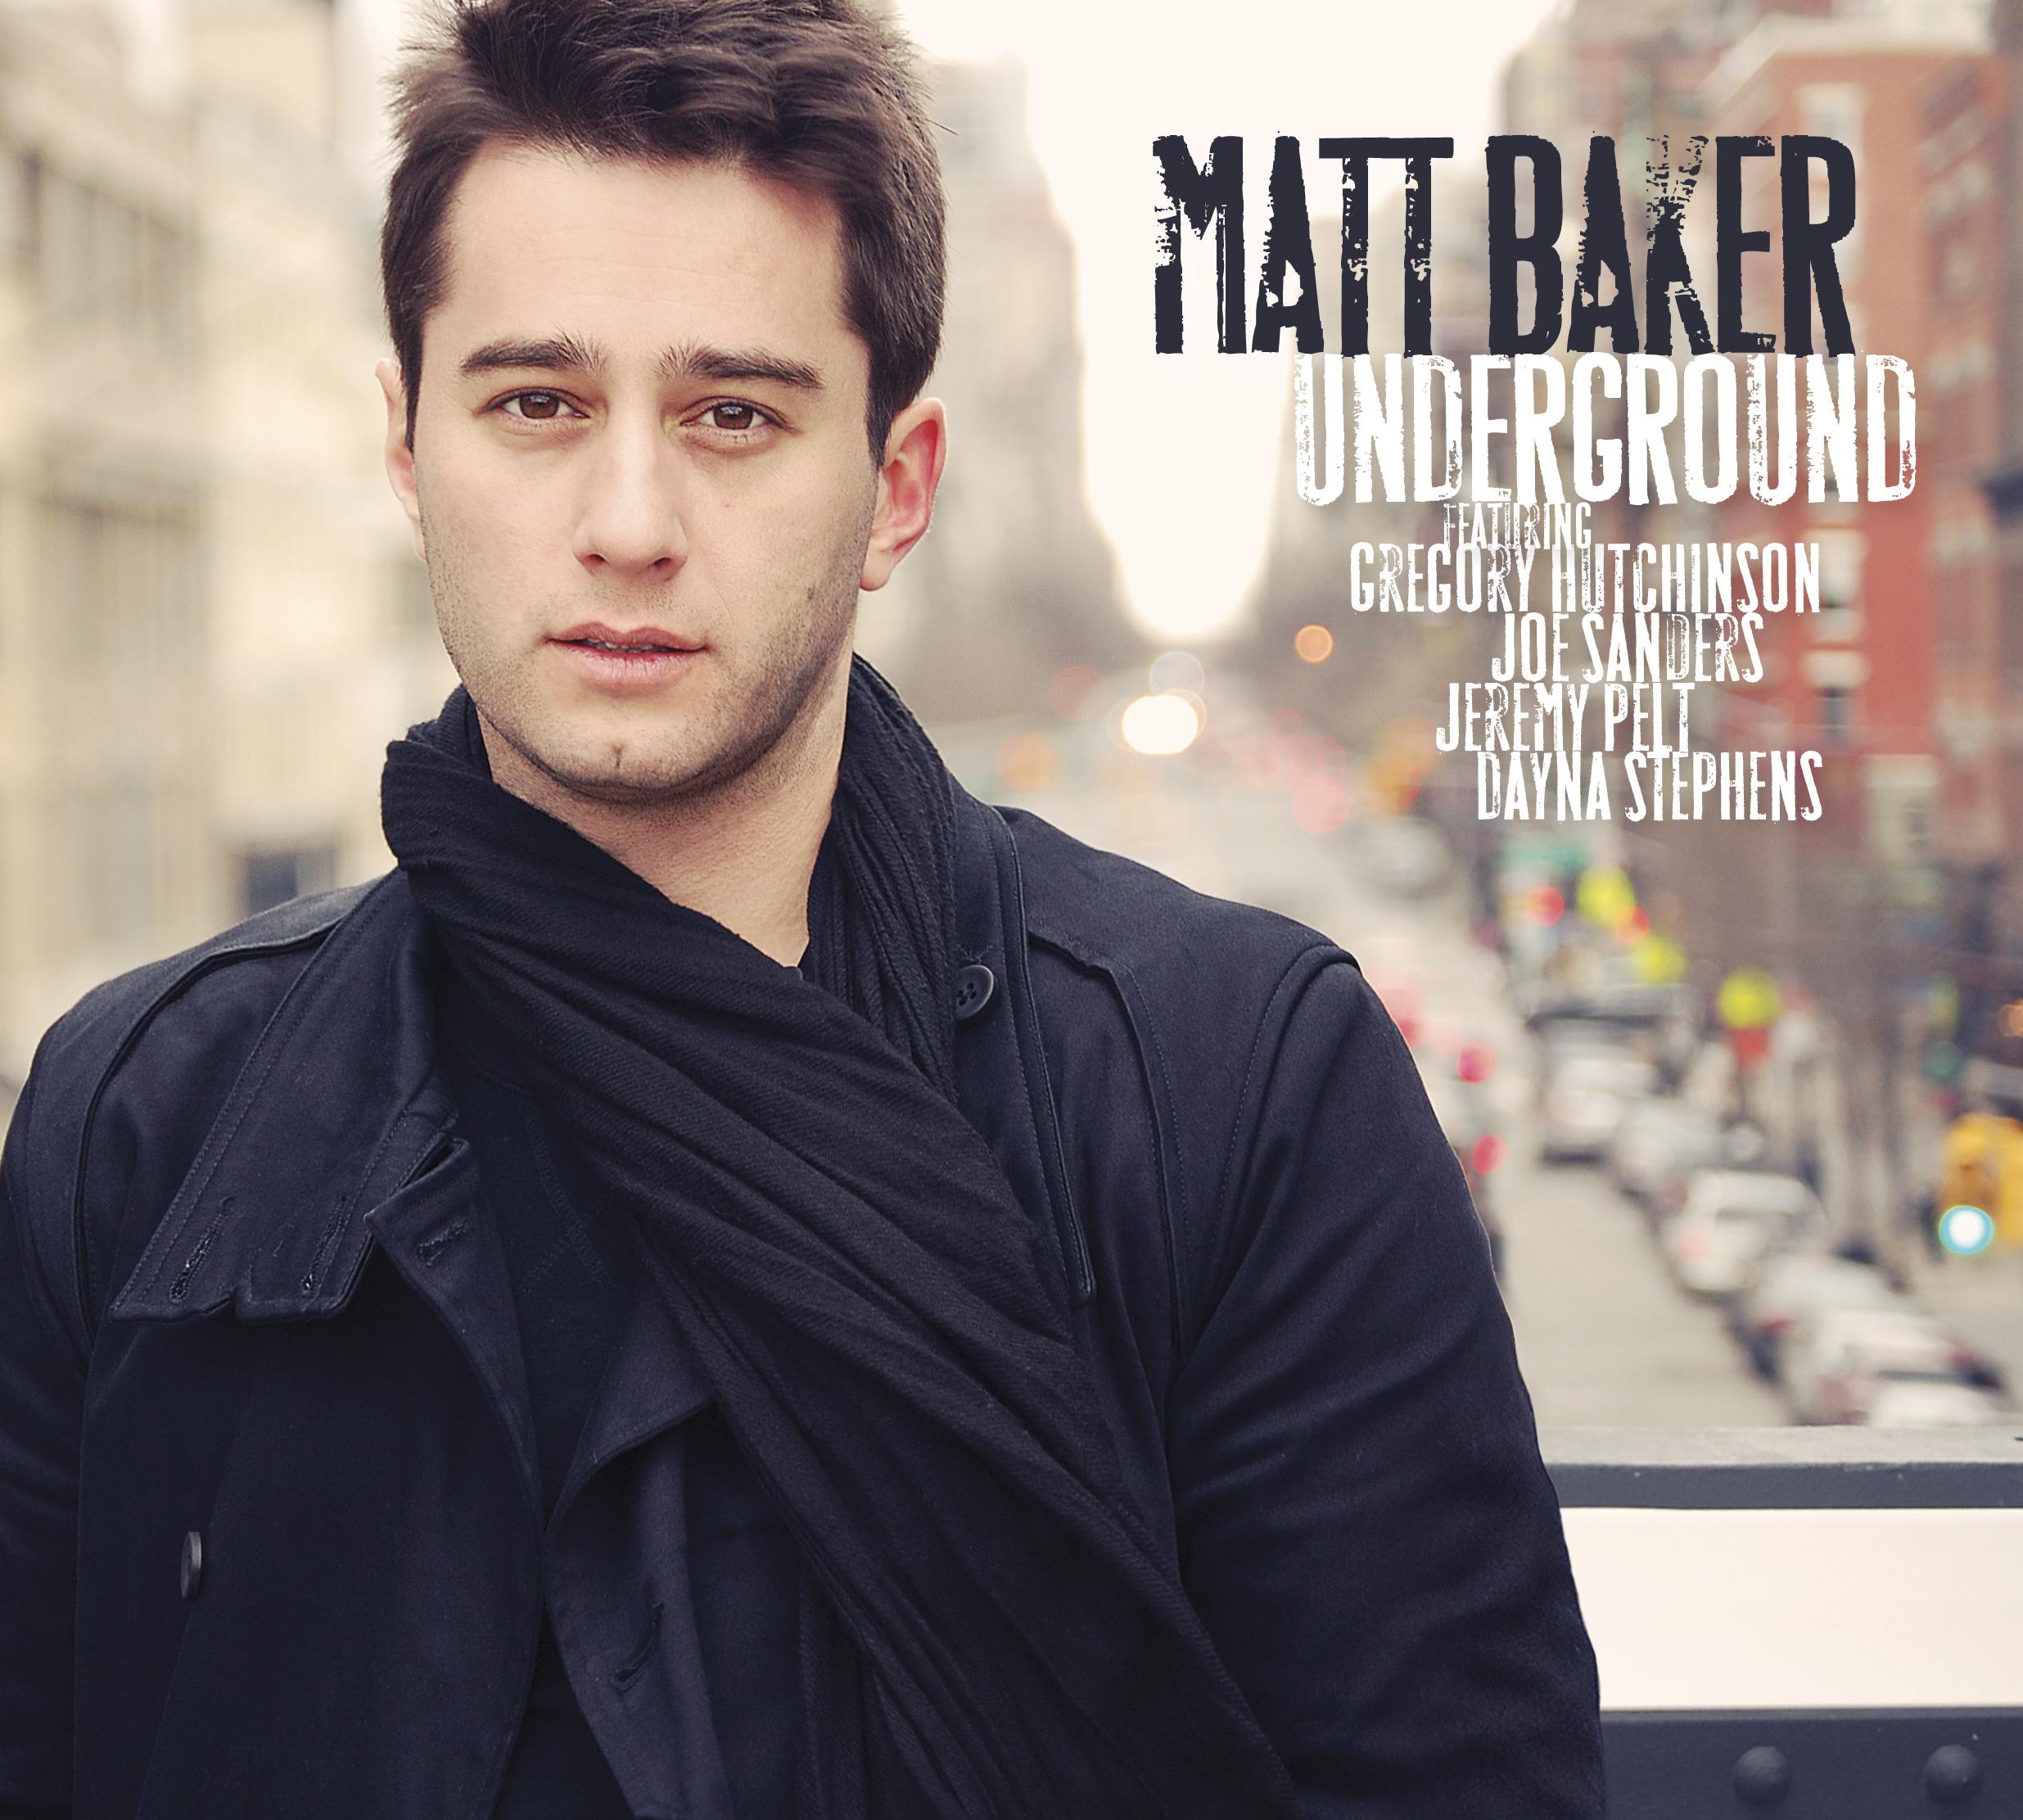 Matt Baker - Underground